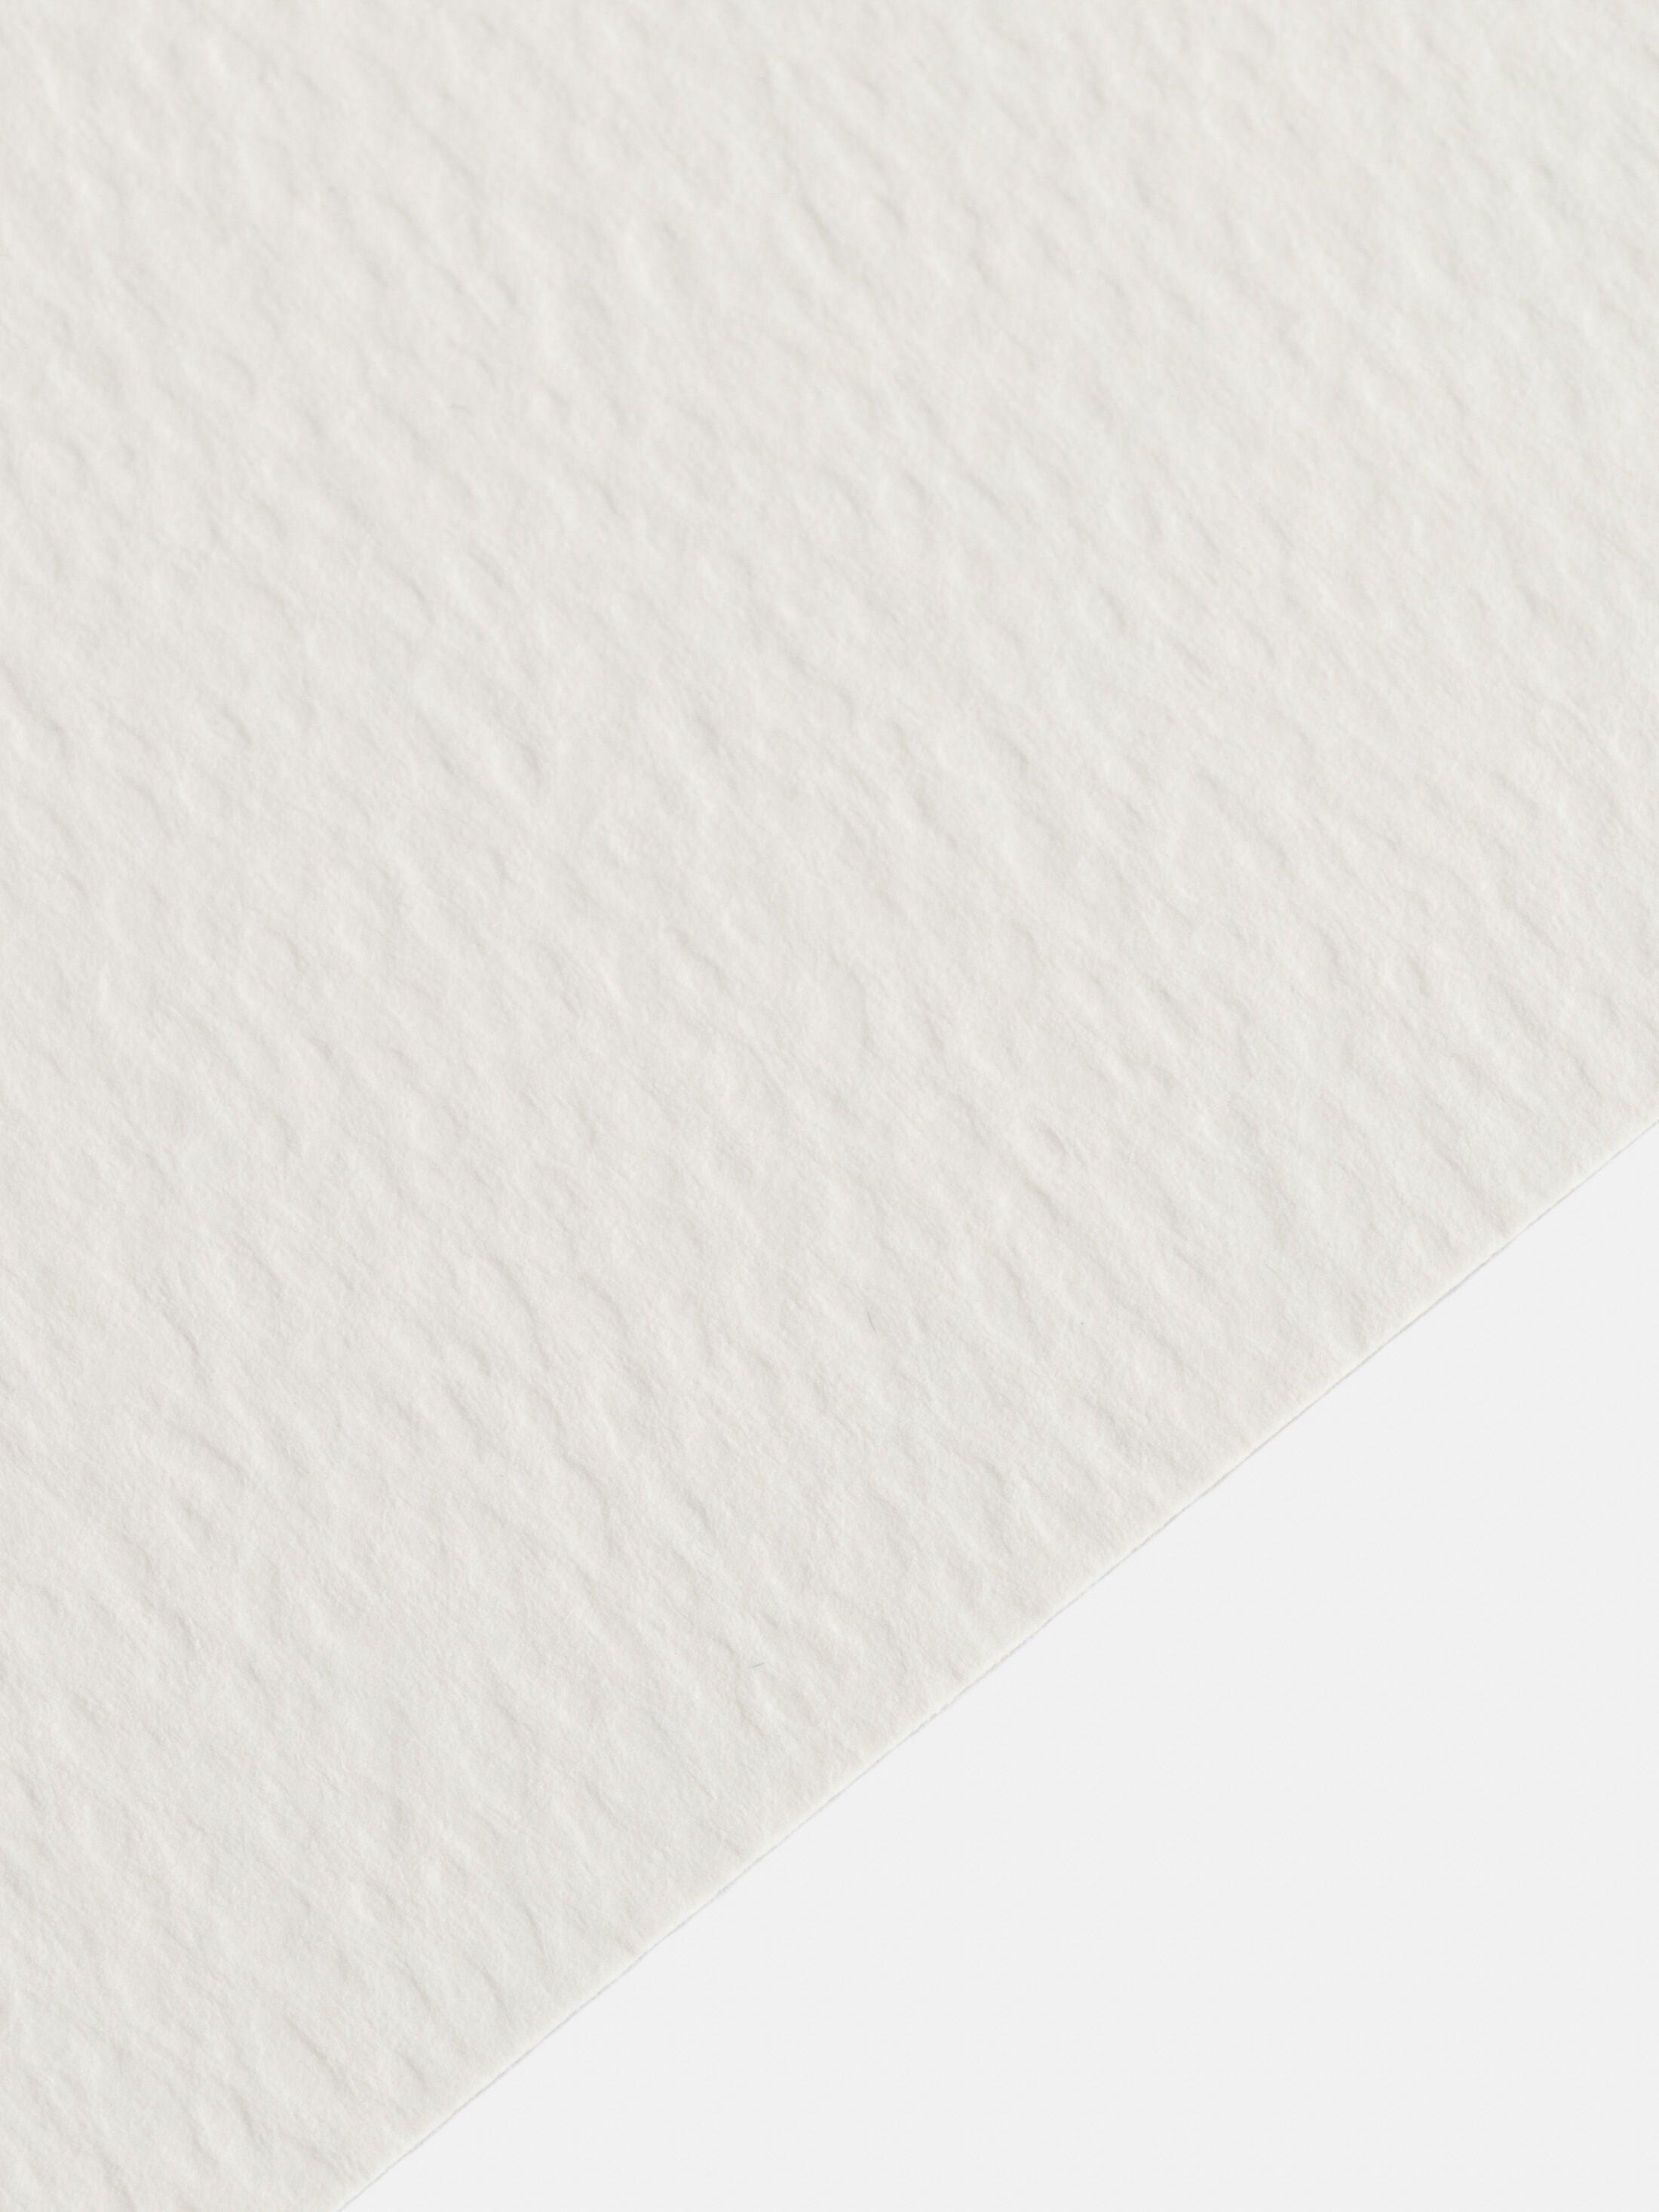 Egendesignade väggtryck matt och texturerat papper